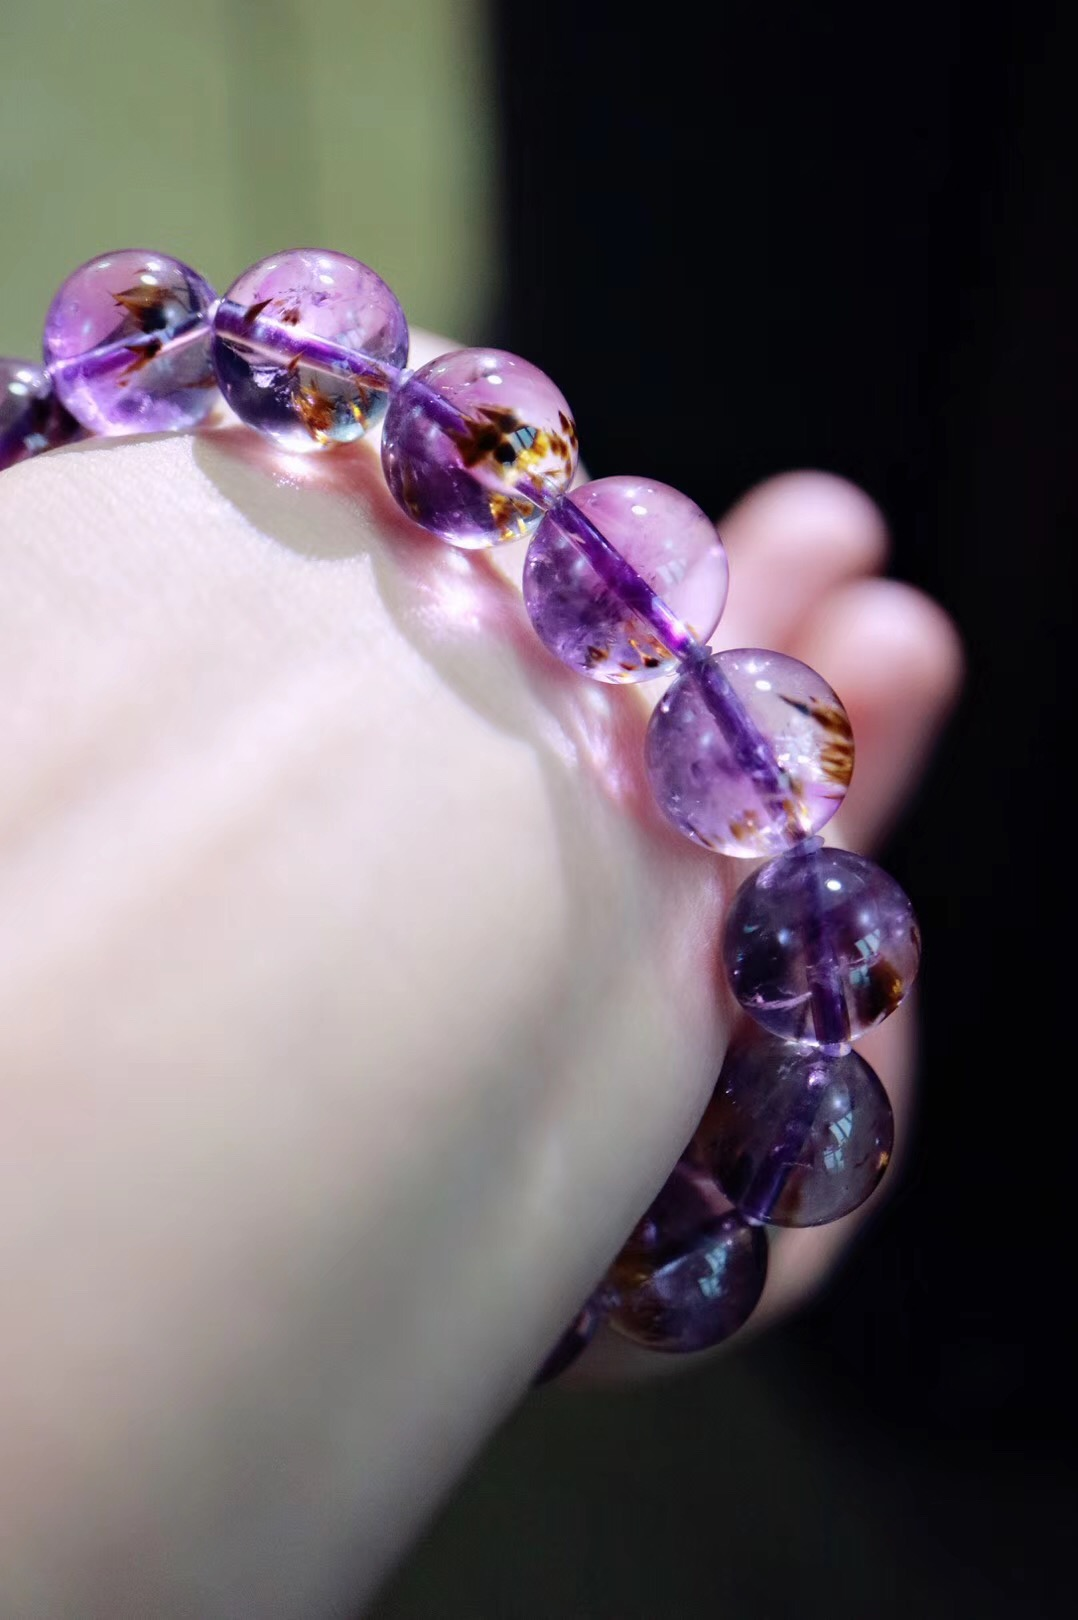 【极品紫钛晶】 钛晶和紫晶的共生体,能量更加强大-菩心晶舍